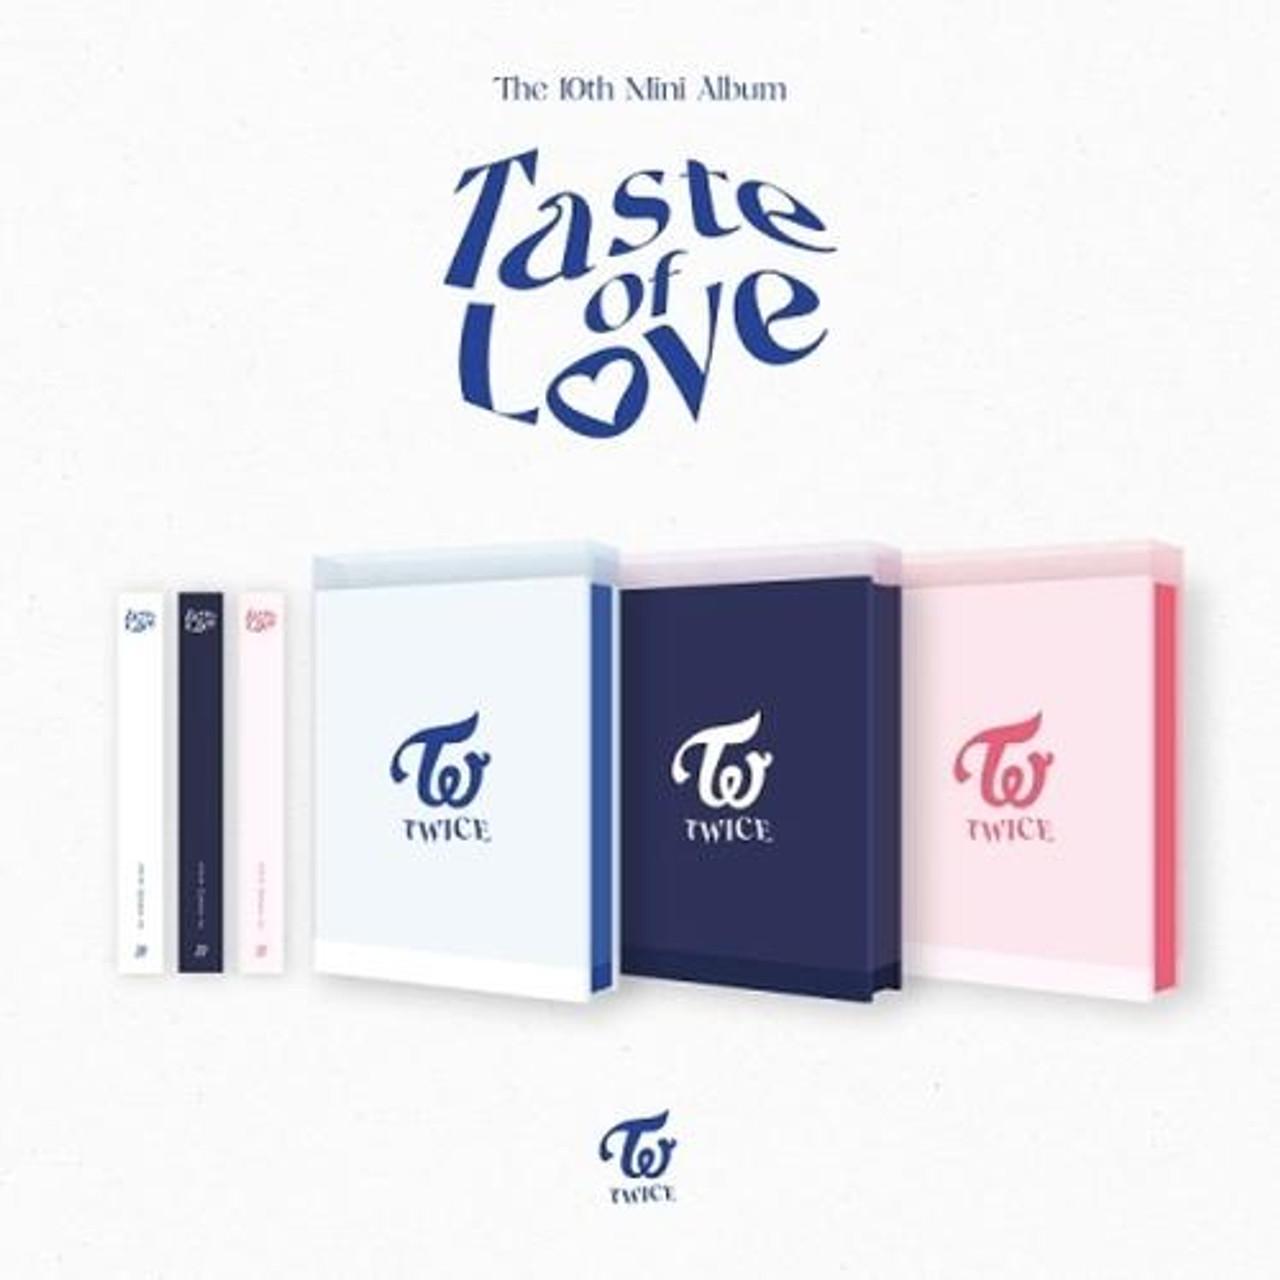 TWICE - 10th Mini [Taste of Love] Random Ver.